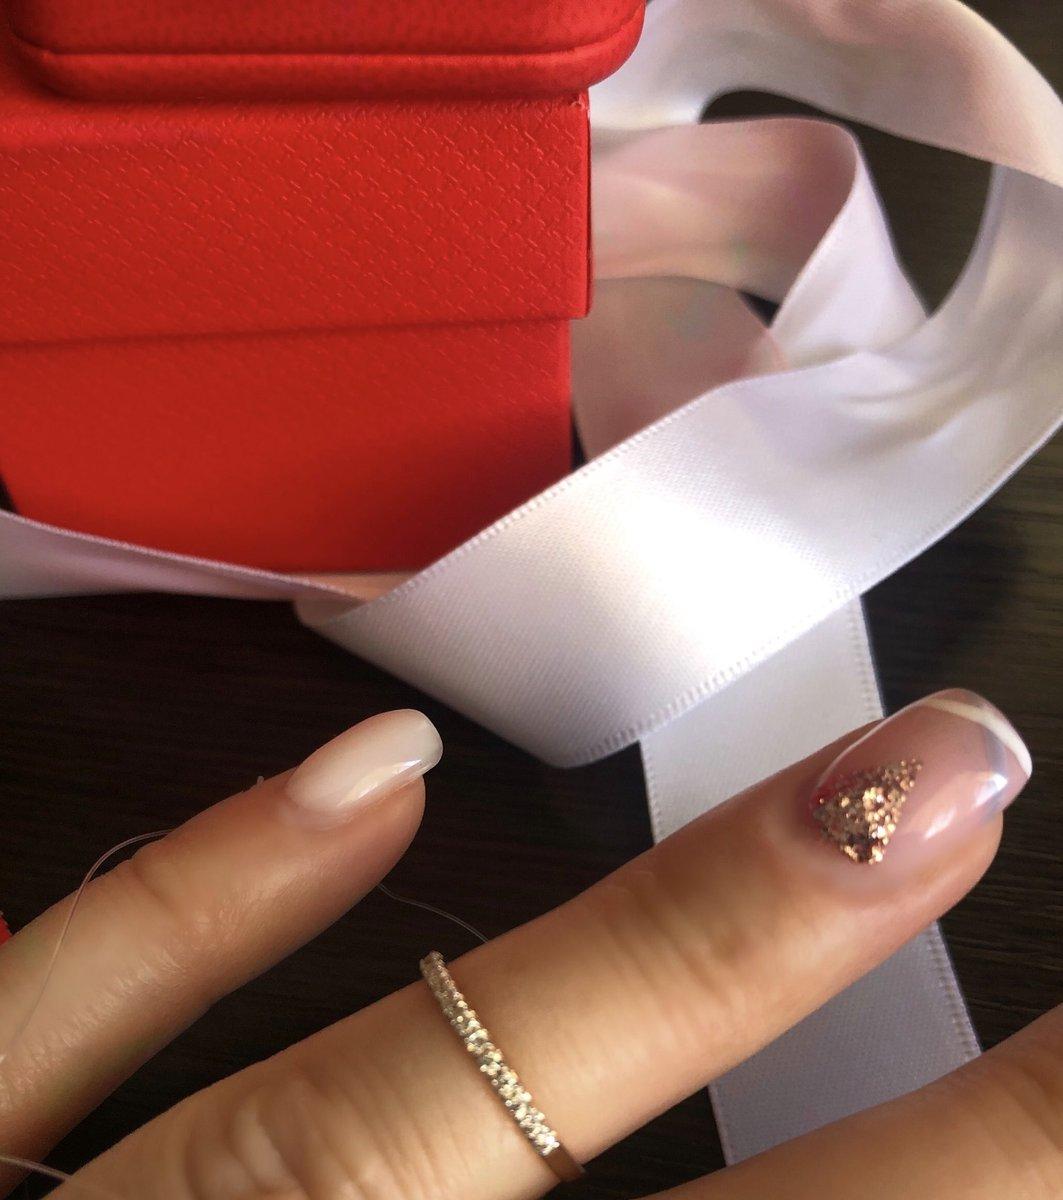 Кольцо (дорожка) 15р приобрела на фалангу .